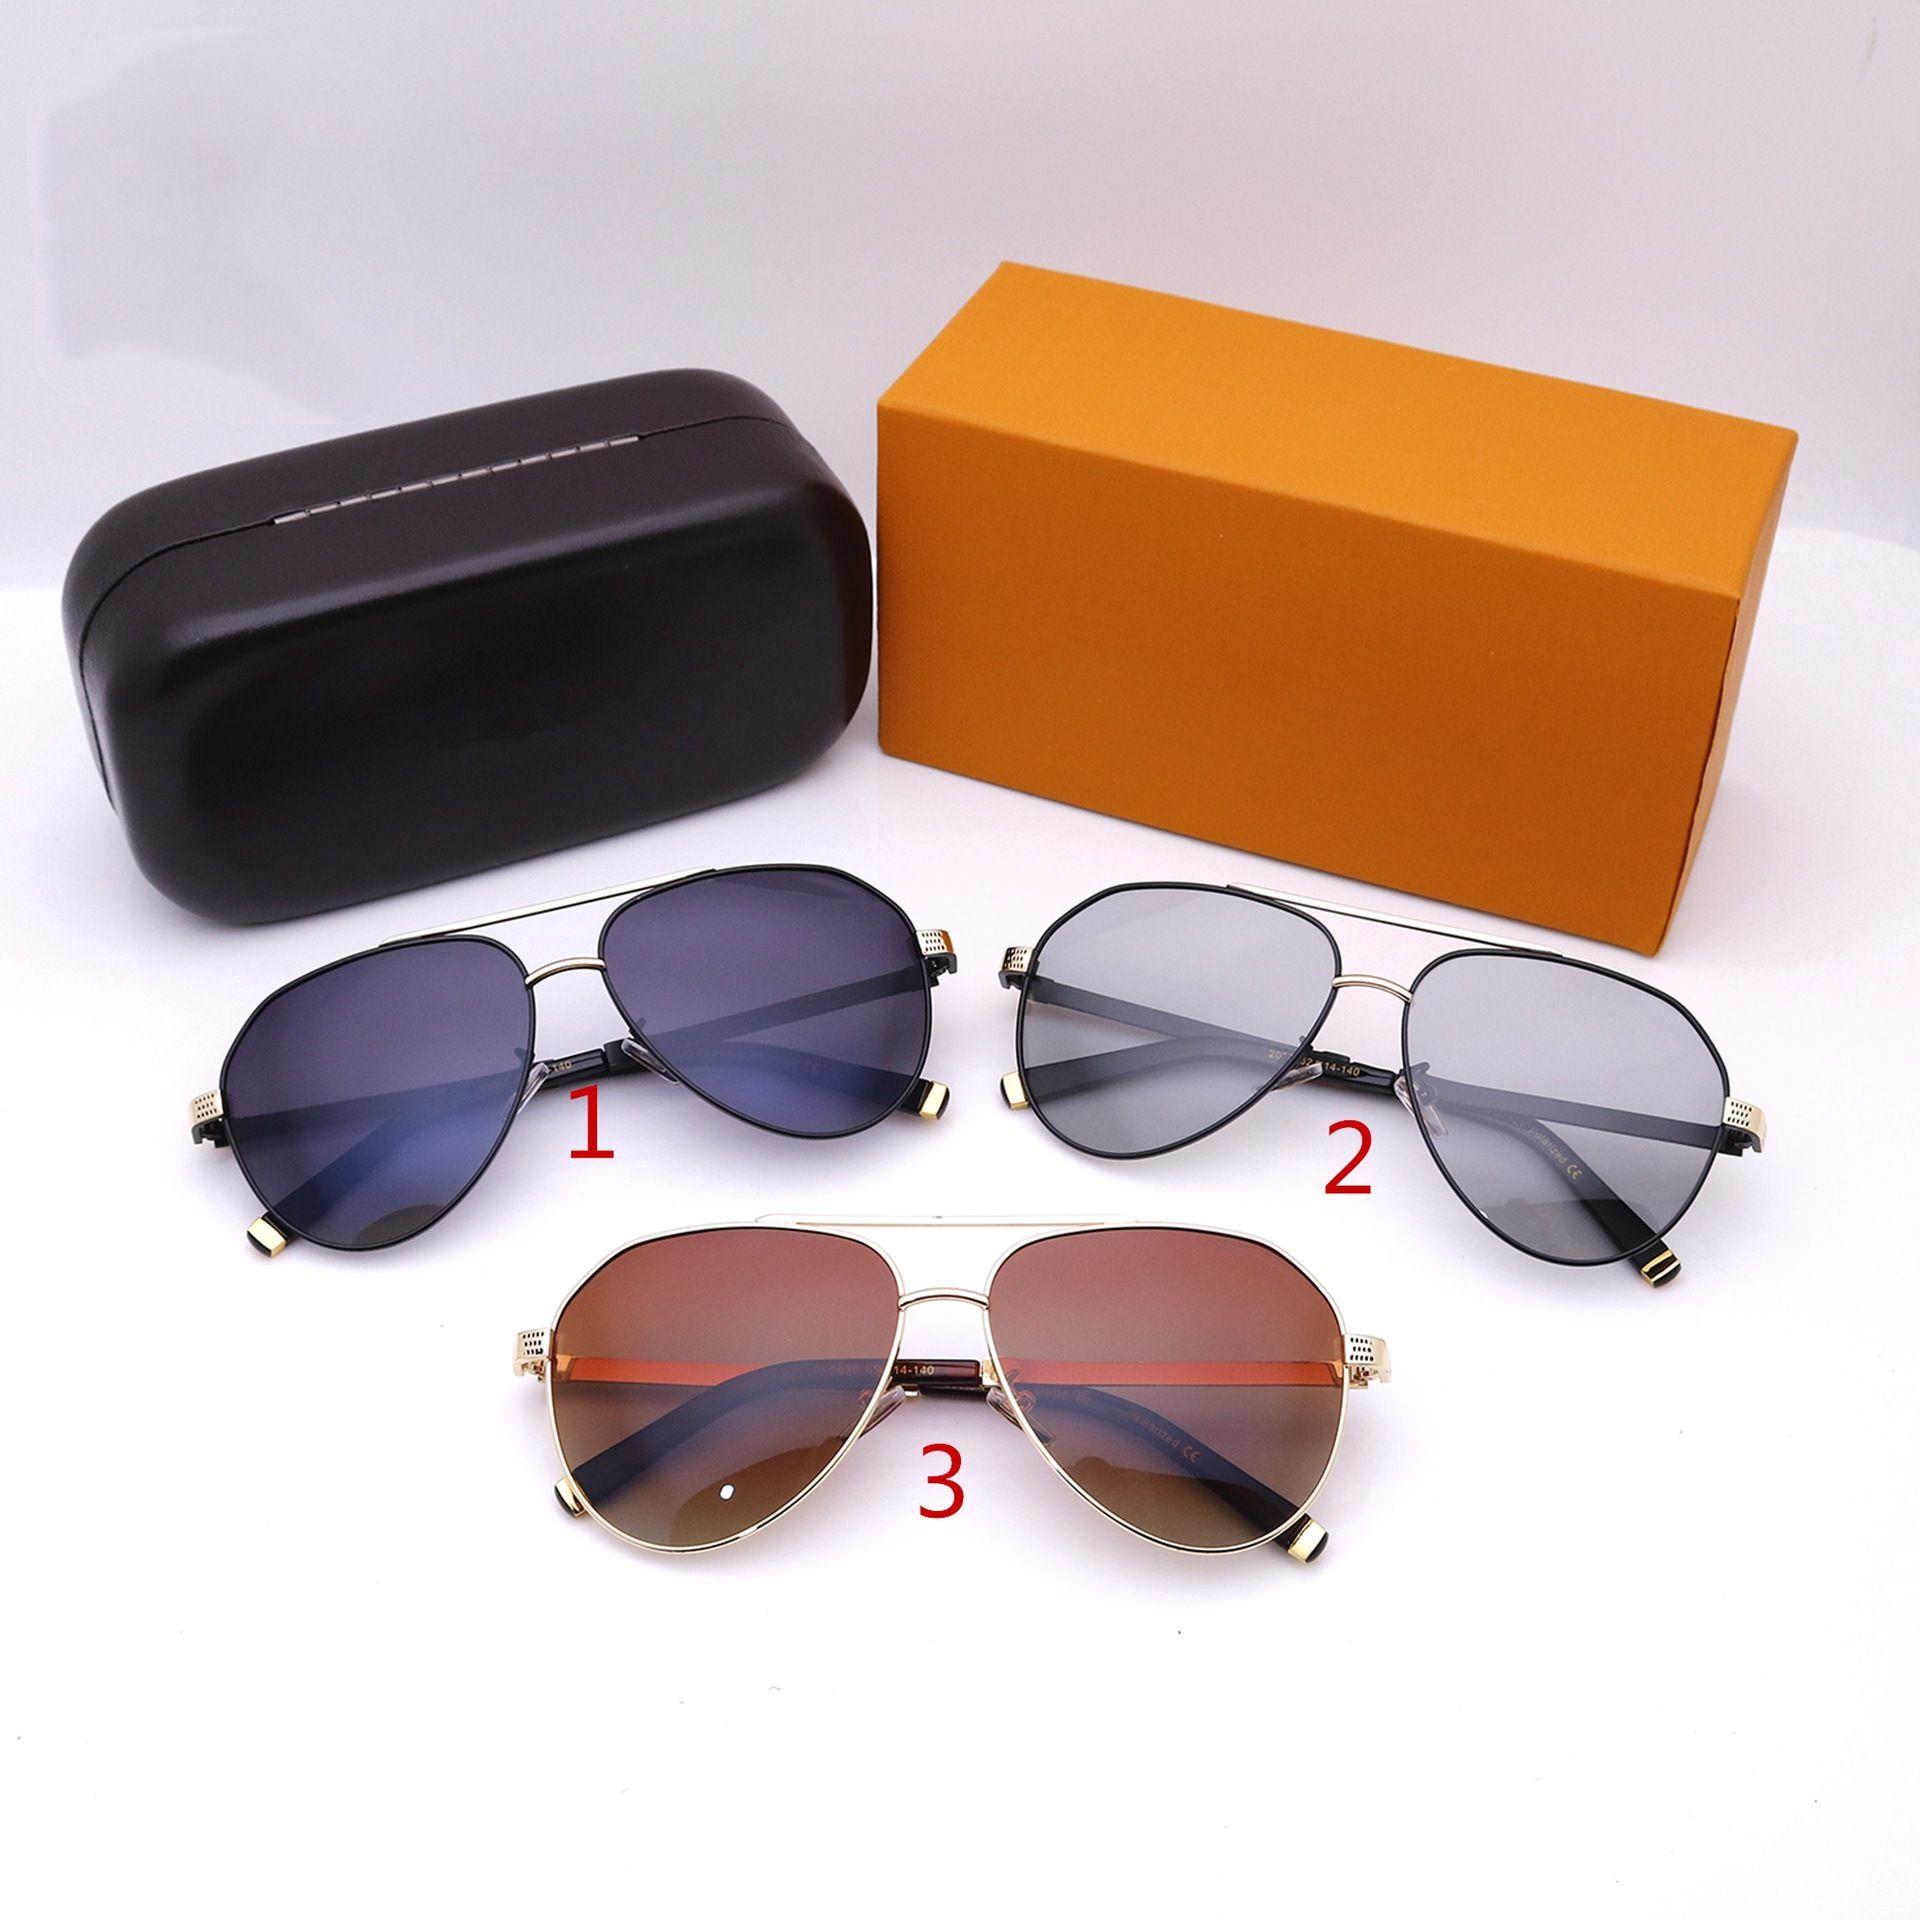 Moda Aviator Tasarımcılar Güneş Gözlüğü Lüks Yüksek Kalite Büyük Çerçeve Renk Değiştirme Sürüş Gözlükleri Erkekler ve Kadınlar Için Kutusu Ile